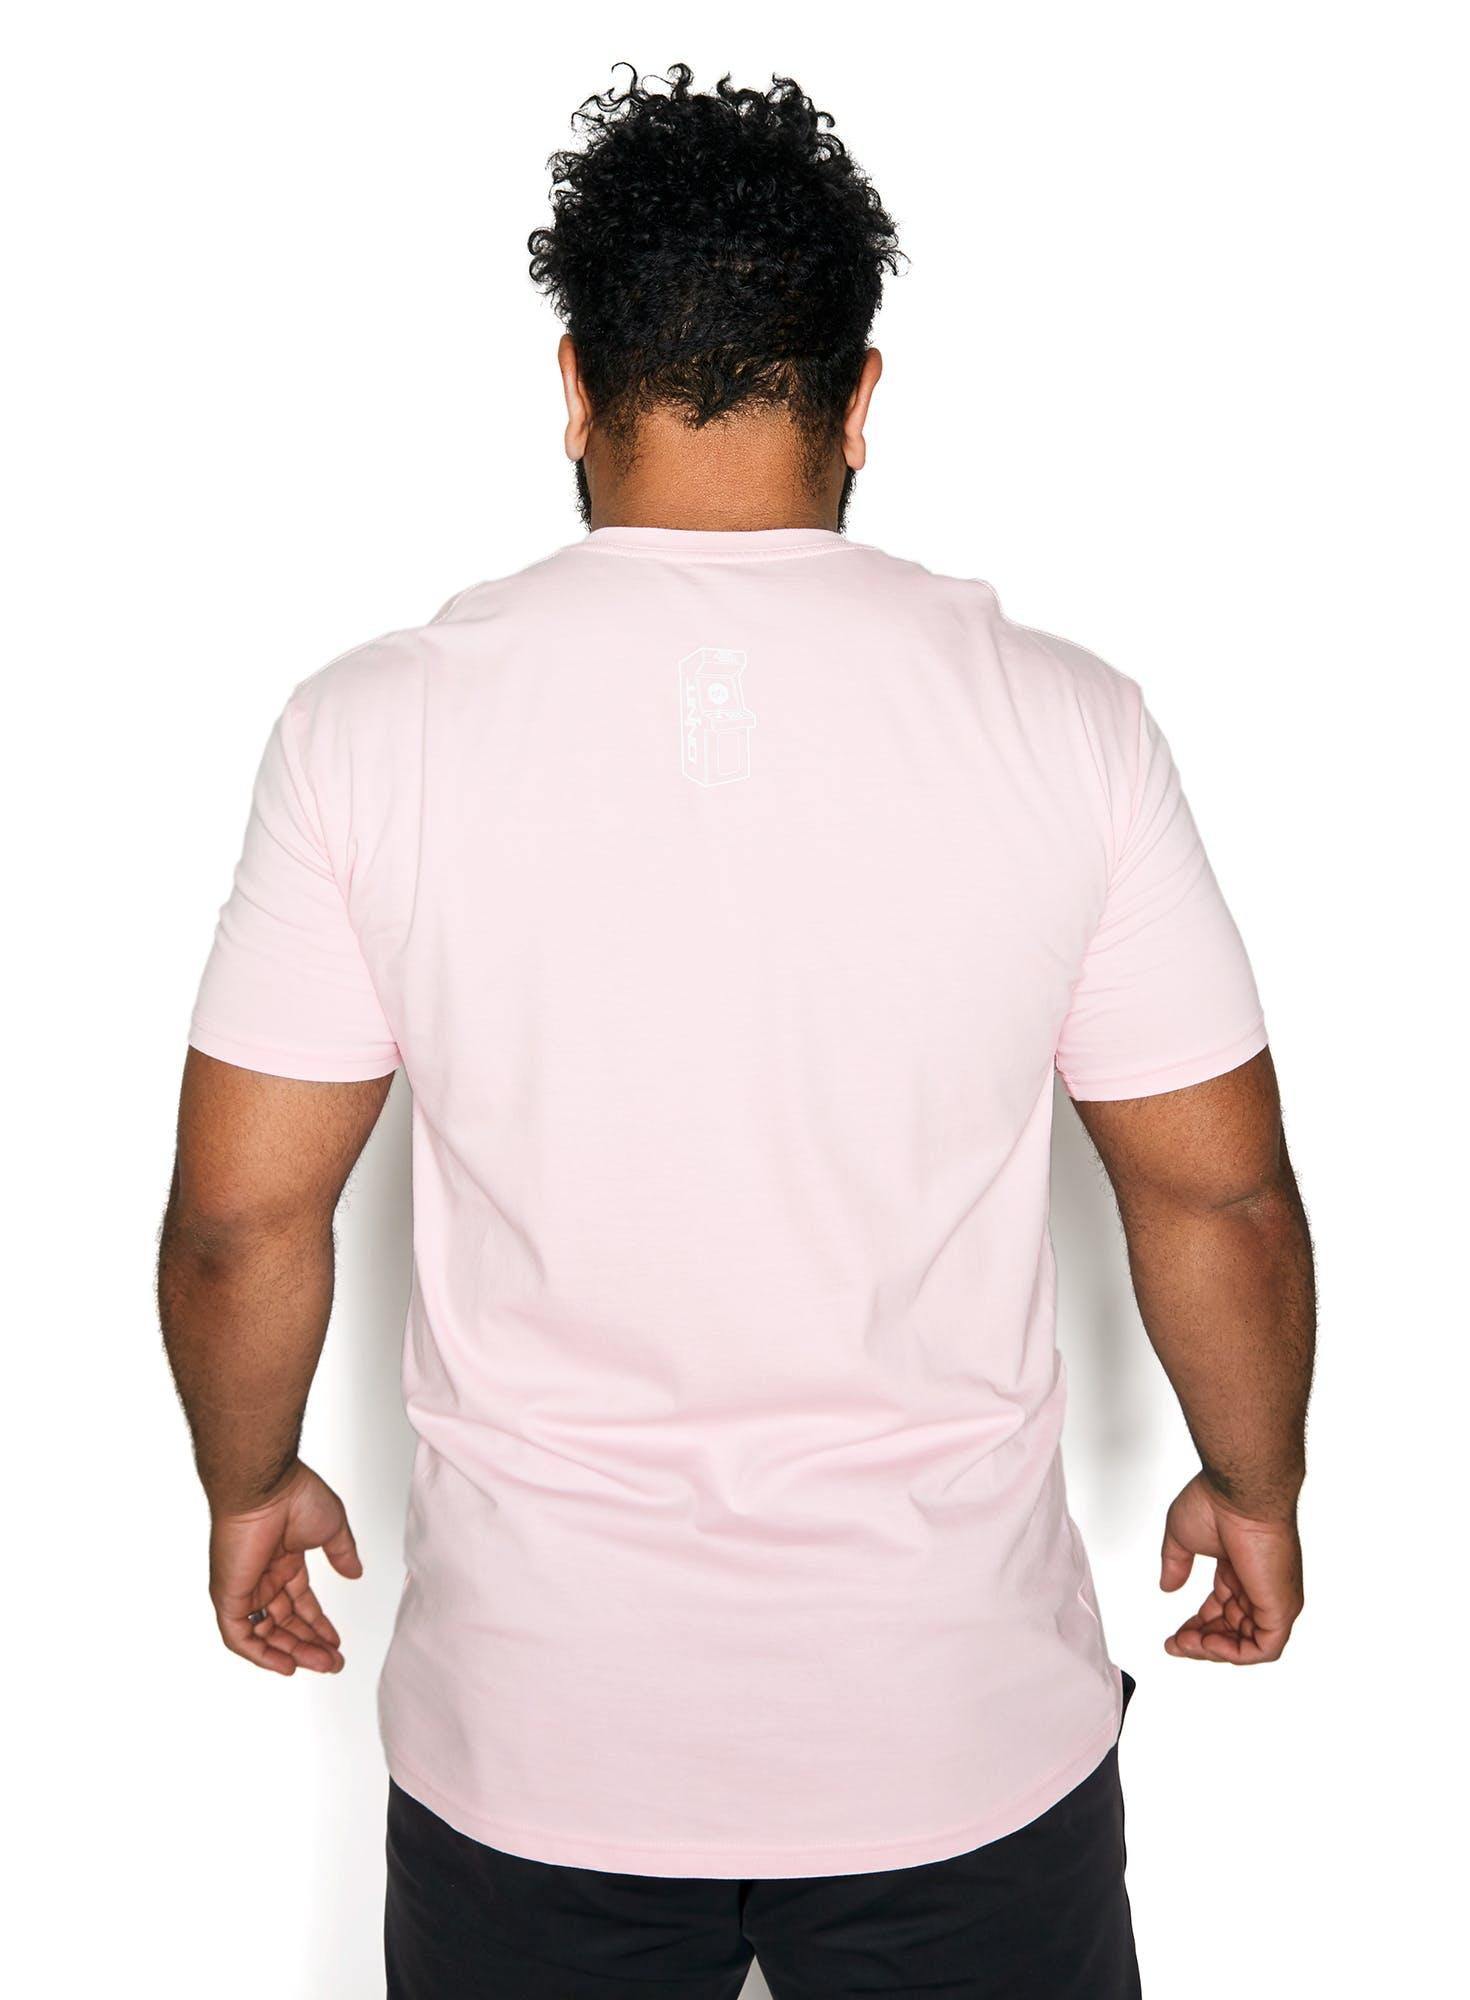 Dan T-Shirt Bonus Image